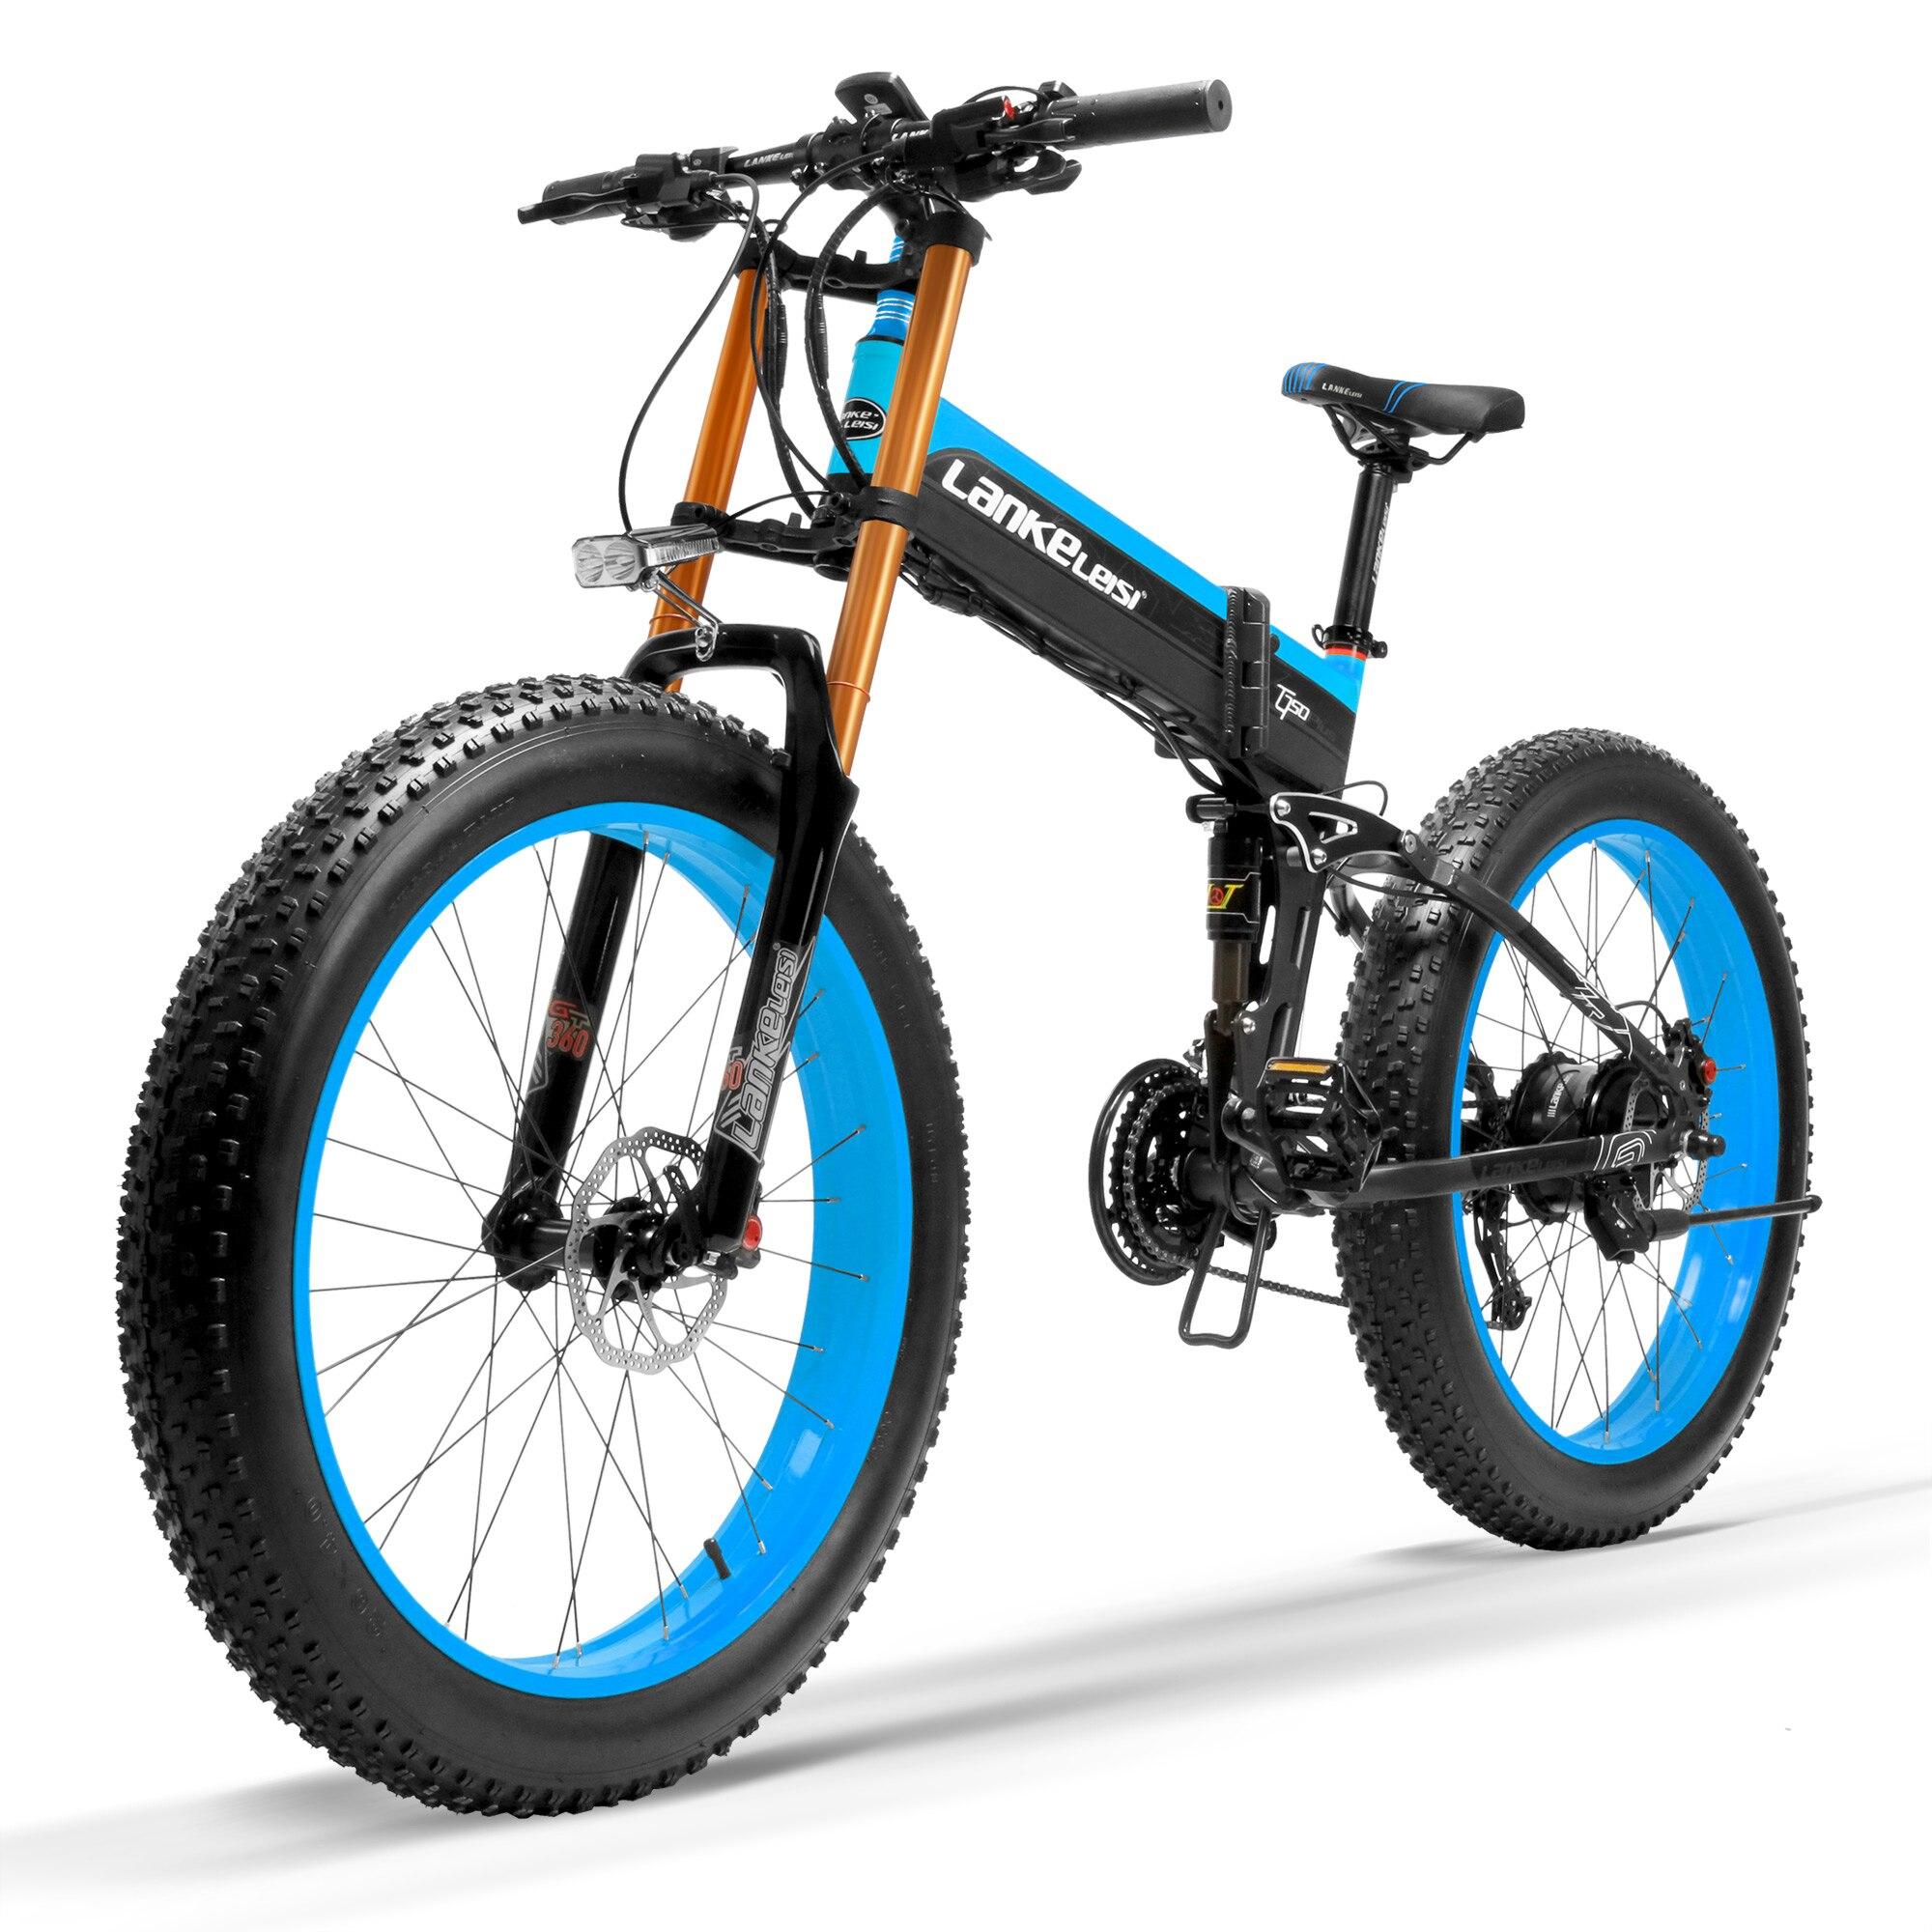 Scooter électrique 1000 W deux roues vélo électrique 500 W 48 V 10AH/14.5AH Portable pliant puissant vélo électrique pour adultes